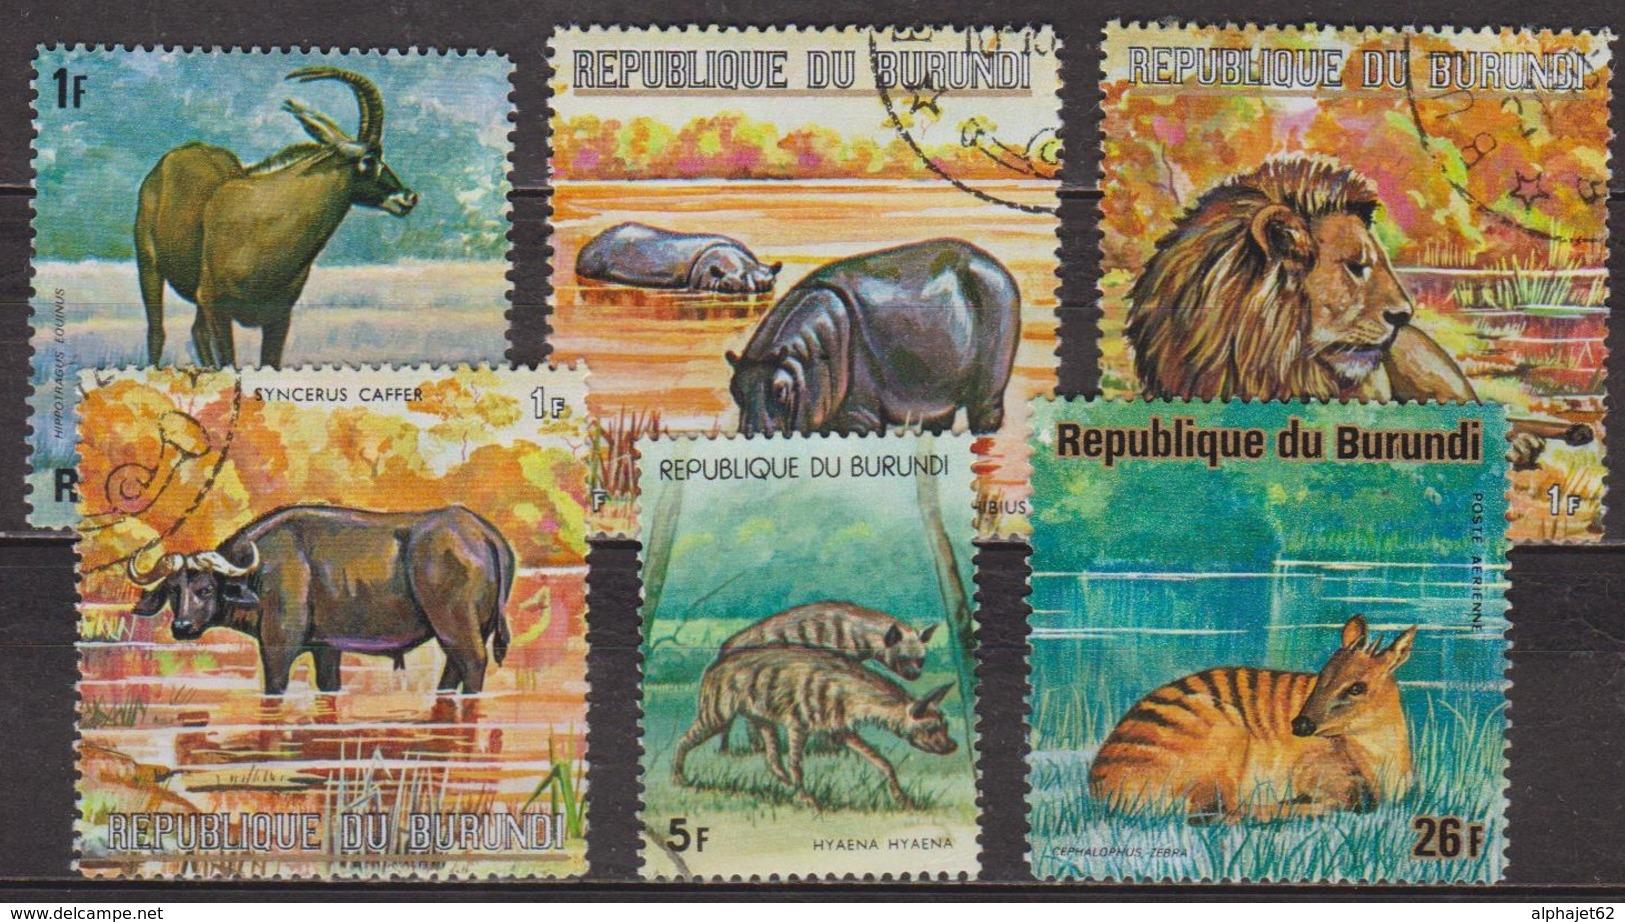 Faune Africaine  - BURUNDI - Animaux: Gazelle, HyènesHippopotame, Lion, Buffle  - 1972 - Burundi